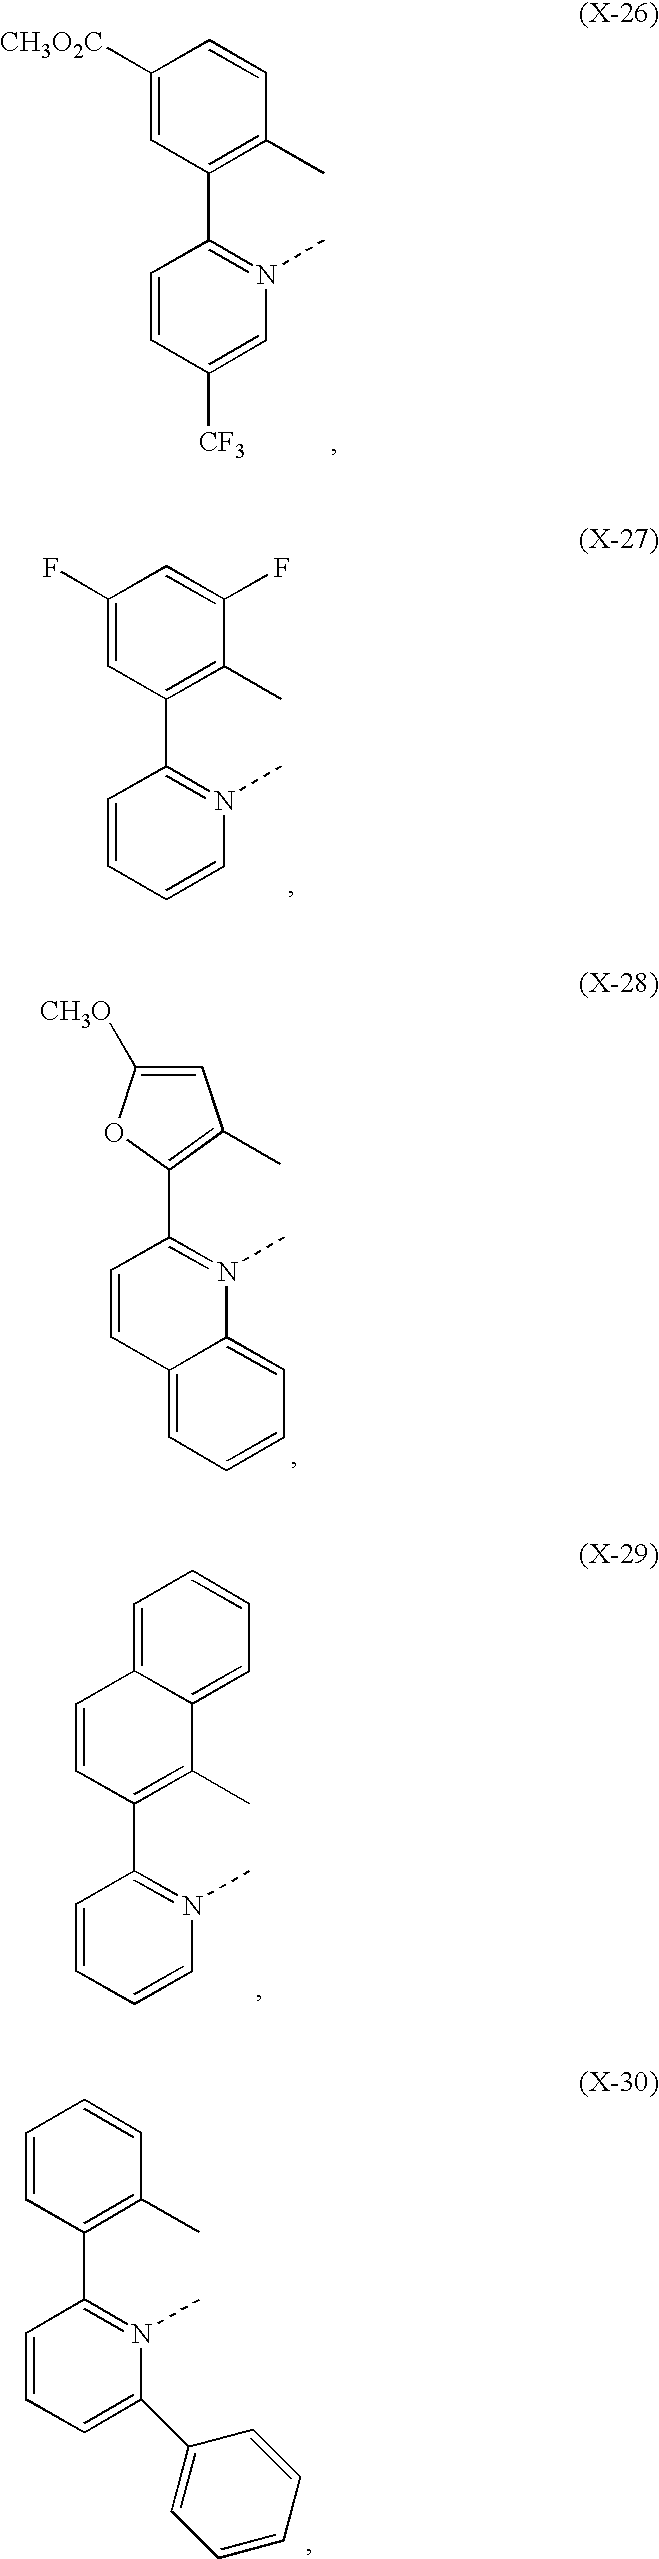 Figure US09362510-20160607-C00043